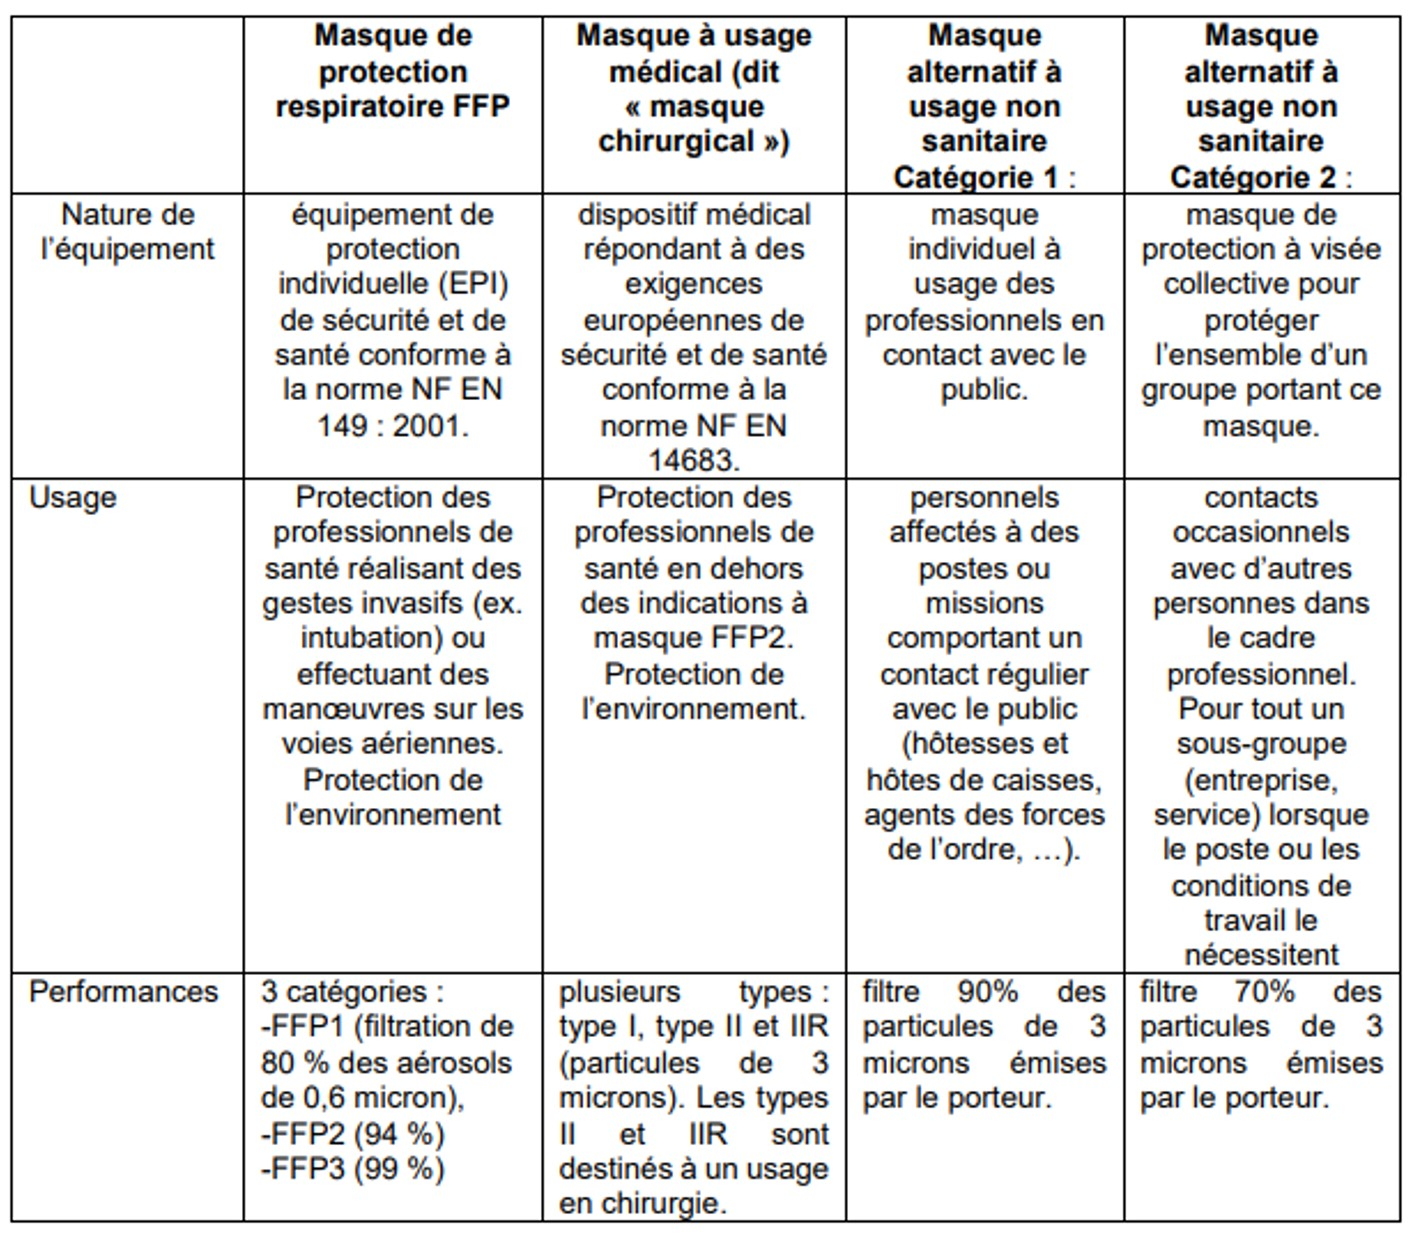 Masques de protections Covid-19 : tableau des usages